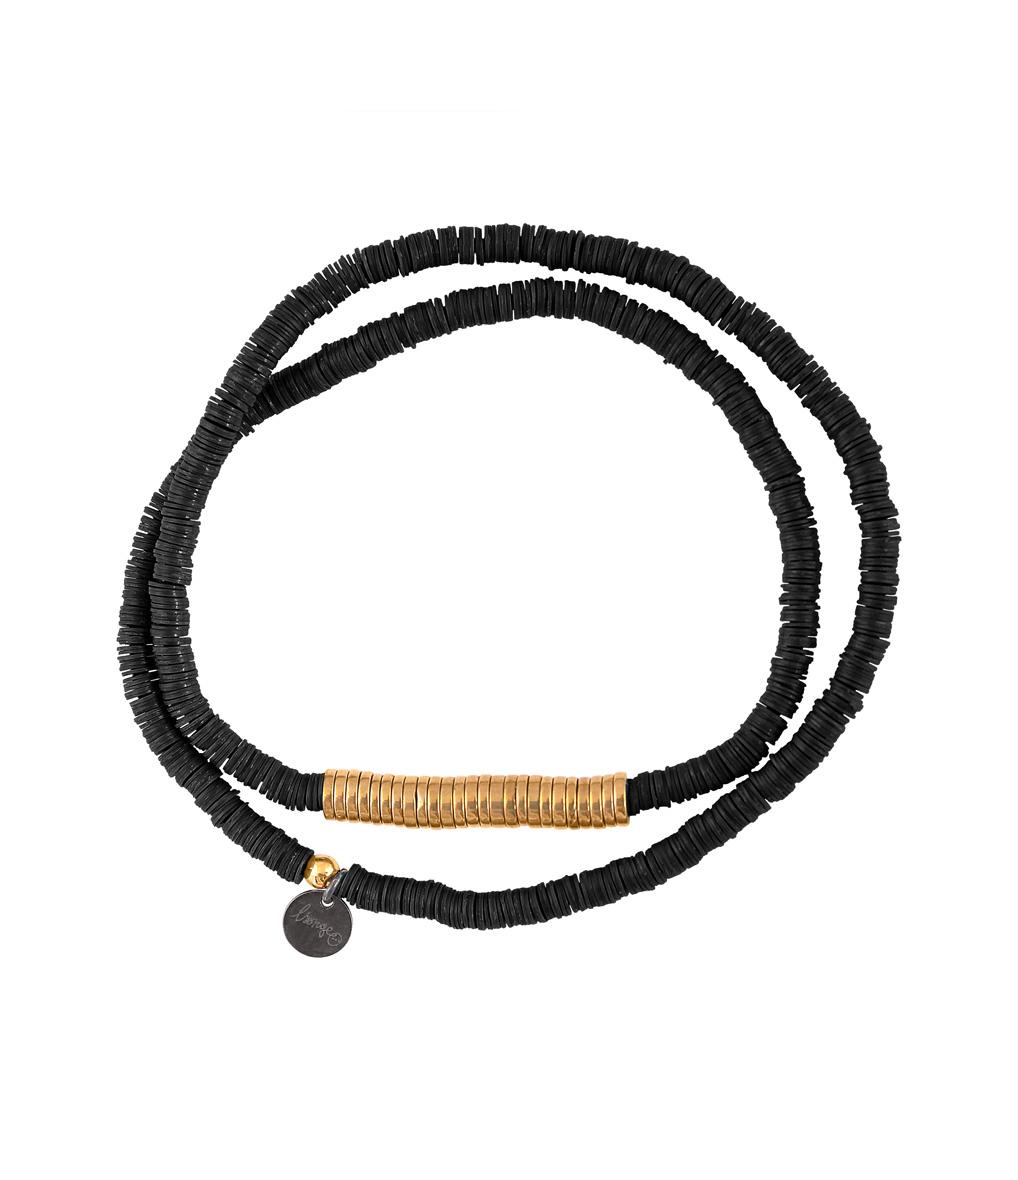 Bracelet Homme Zannot Long Noir/ Doré